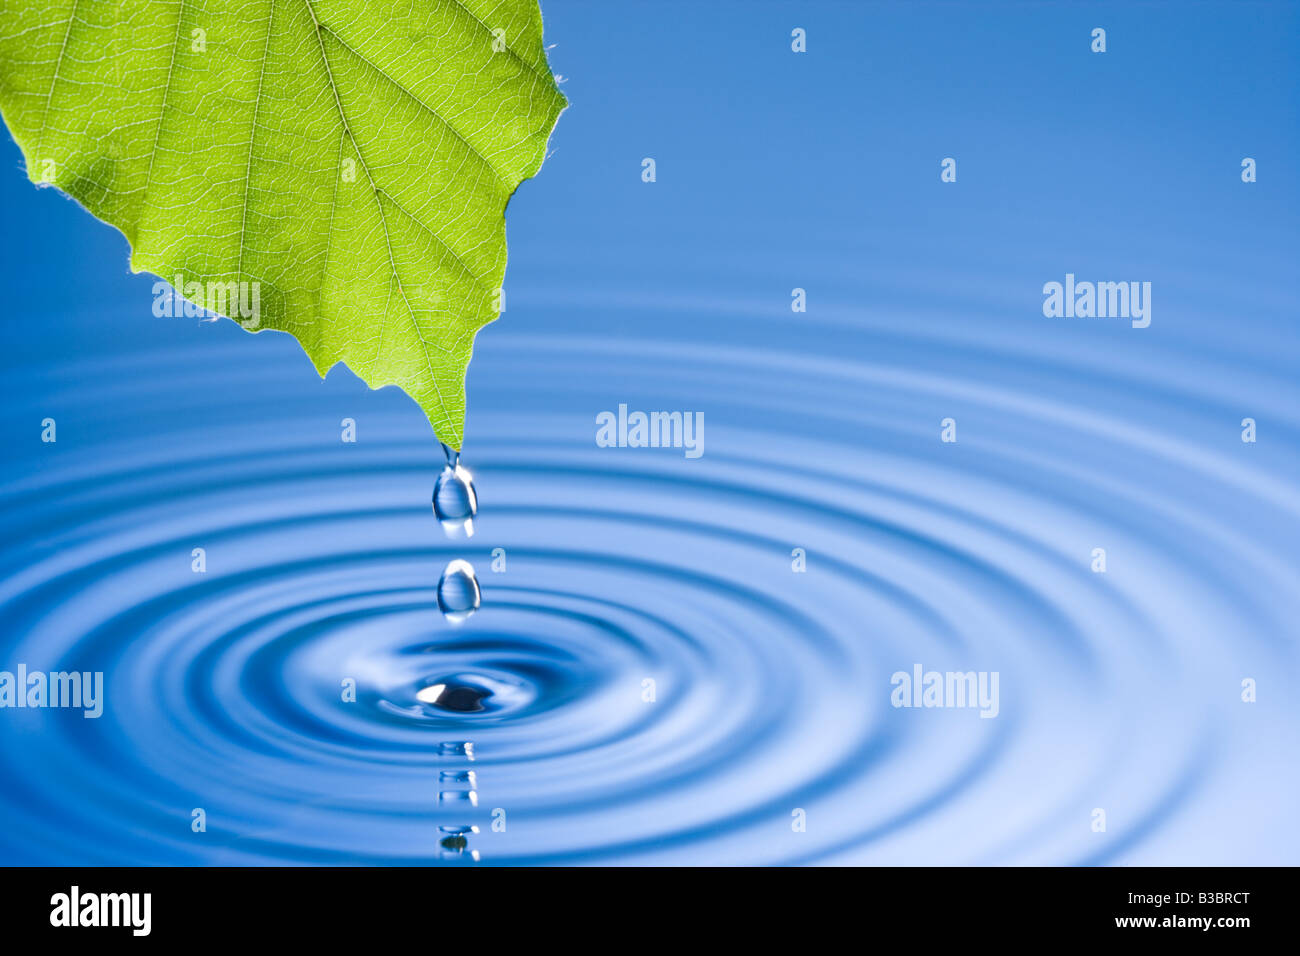 Wassertropfen vom Blatt verursacht Wellen fallen. Buche Baum Blatt. Stockbild